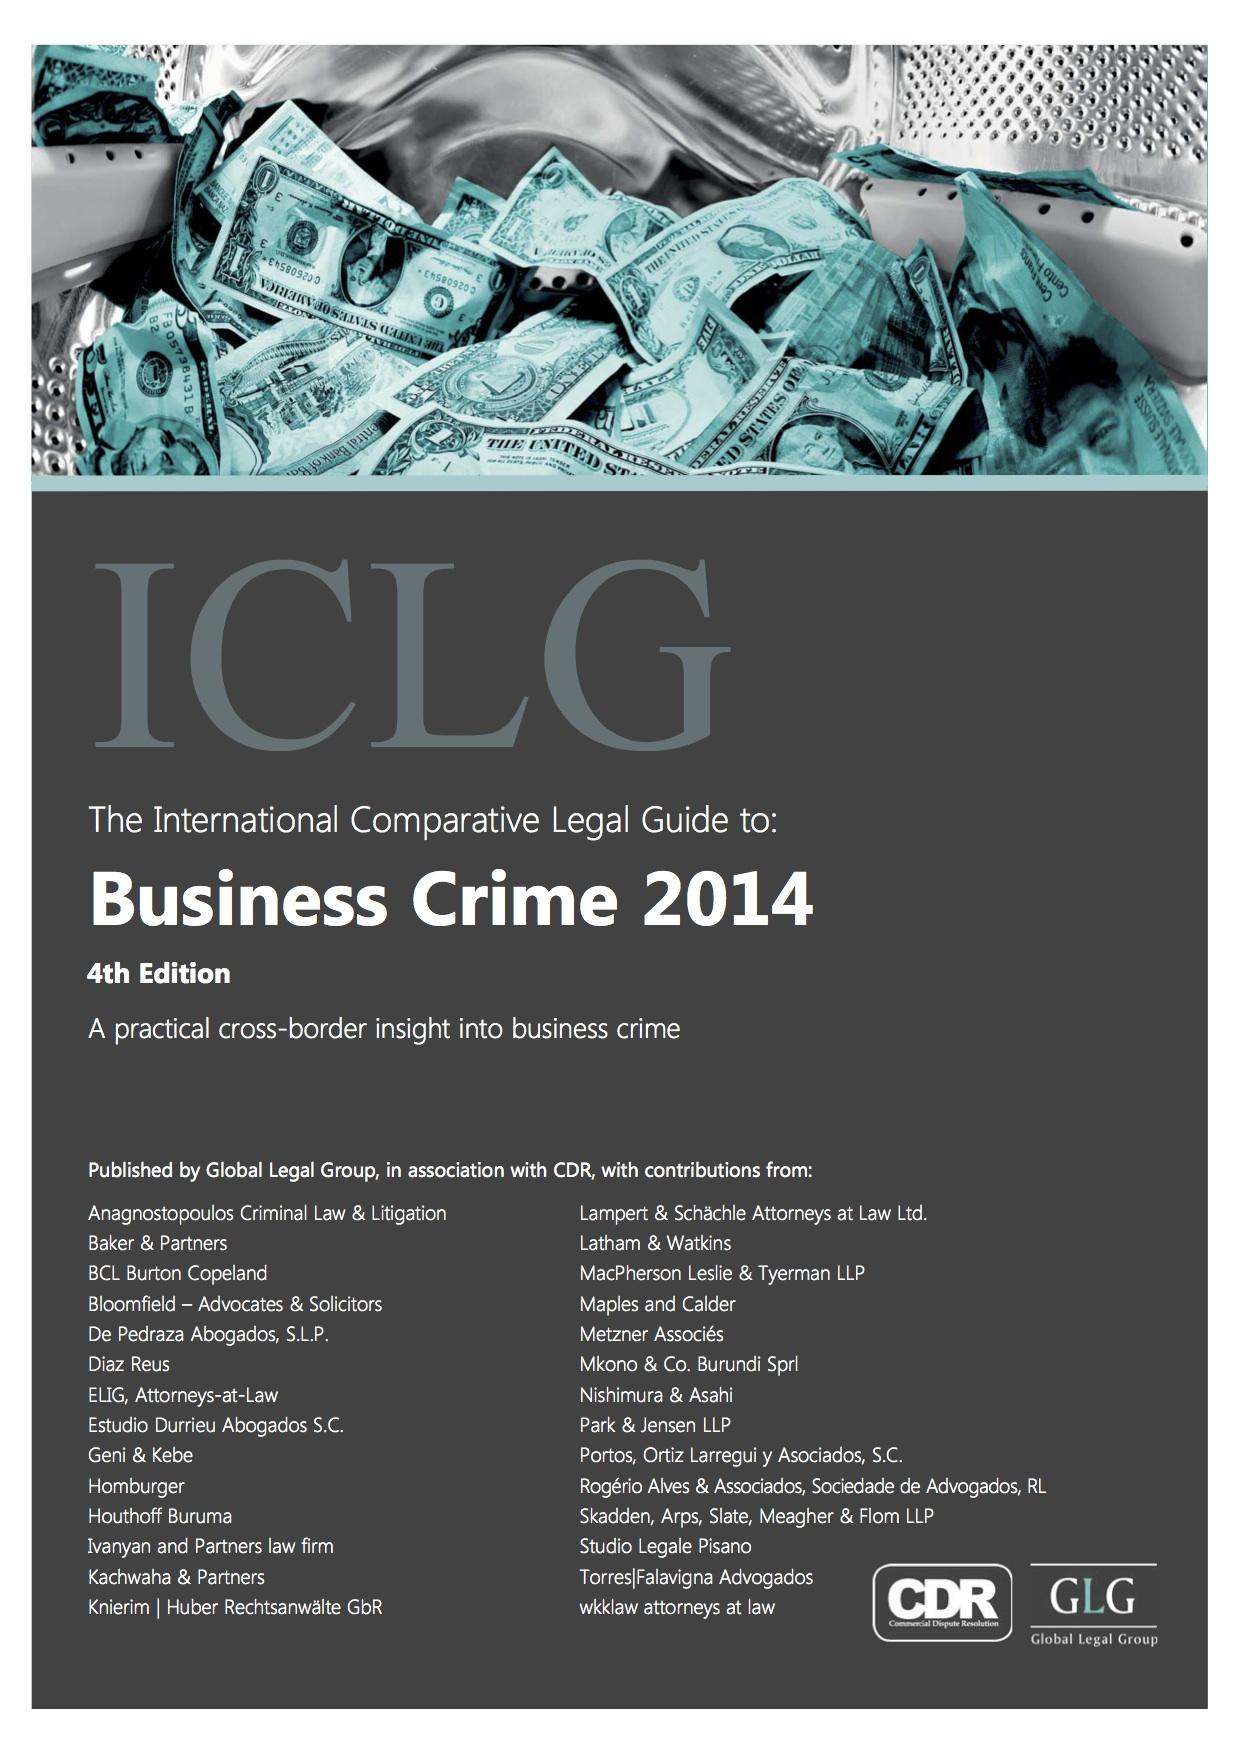 ICLG Business Crime .jpg